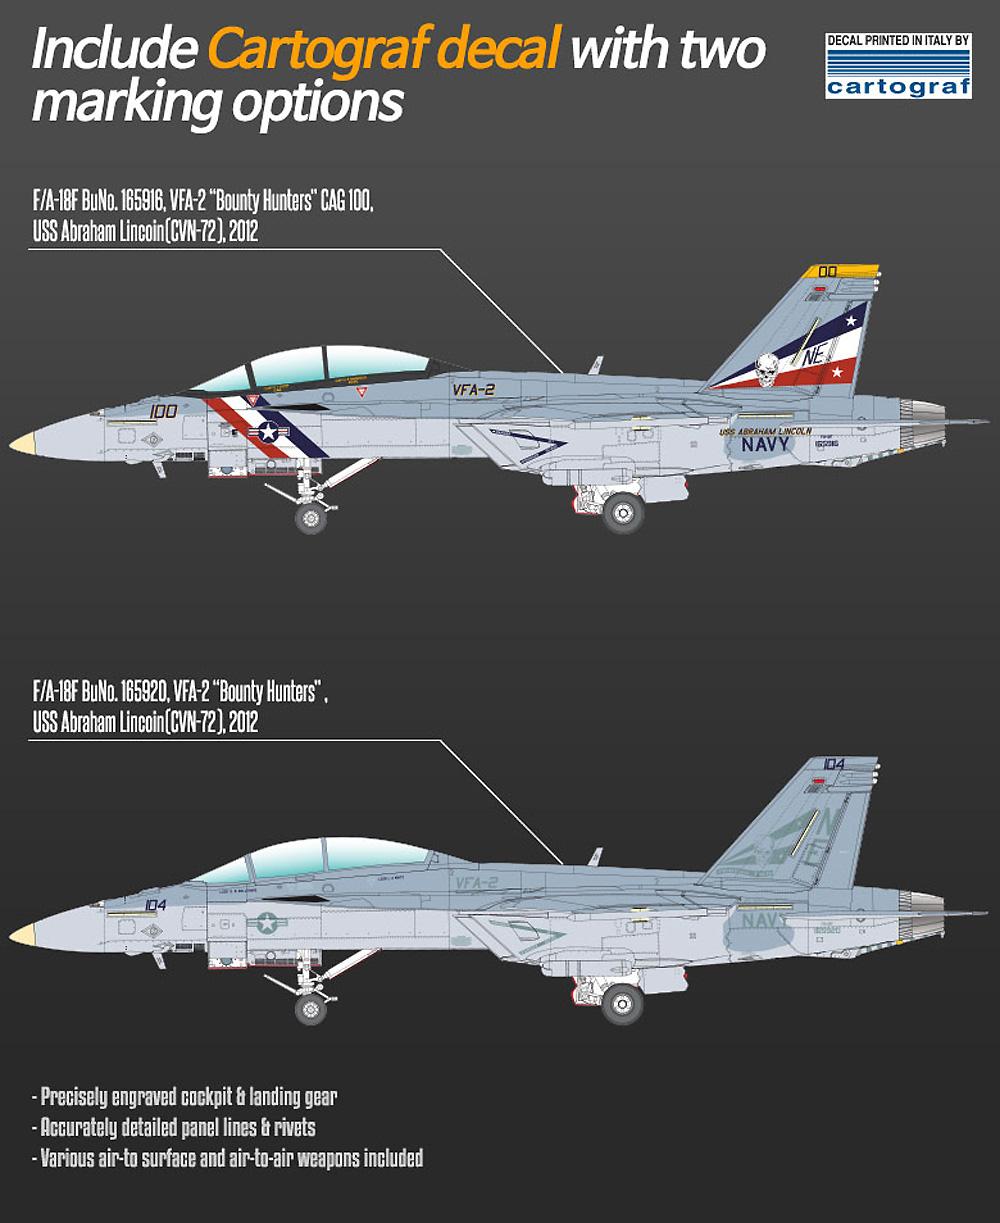 アメリカ海軍 F/A-18F スーパーホーネット VFA-2 バウンティハンターズプラモデル(アカデミー1/72 Scale AircraftsNo.12567)商品画像_1